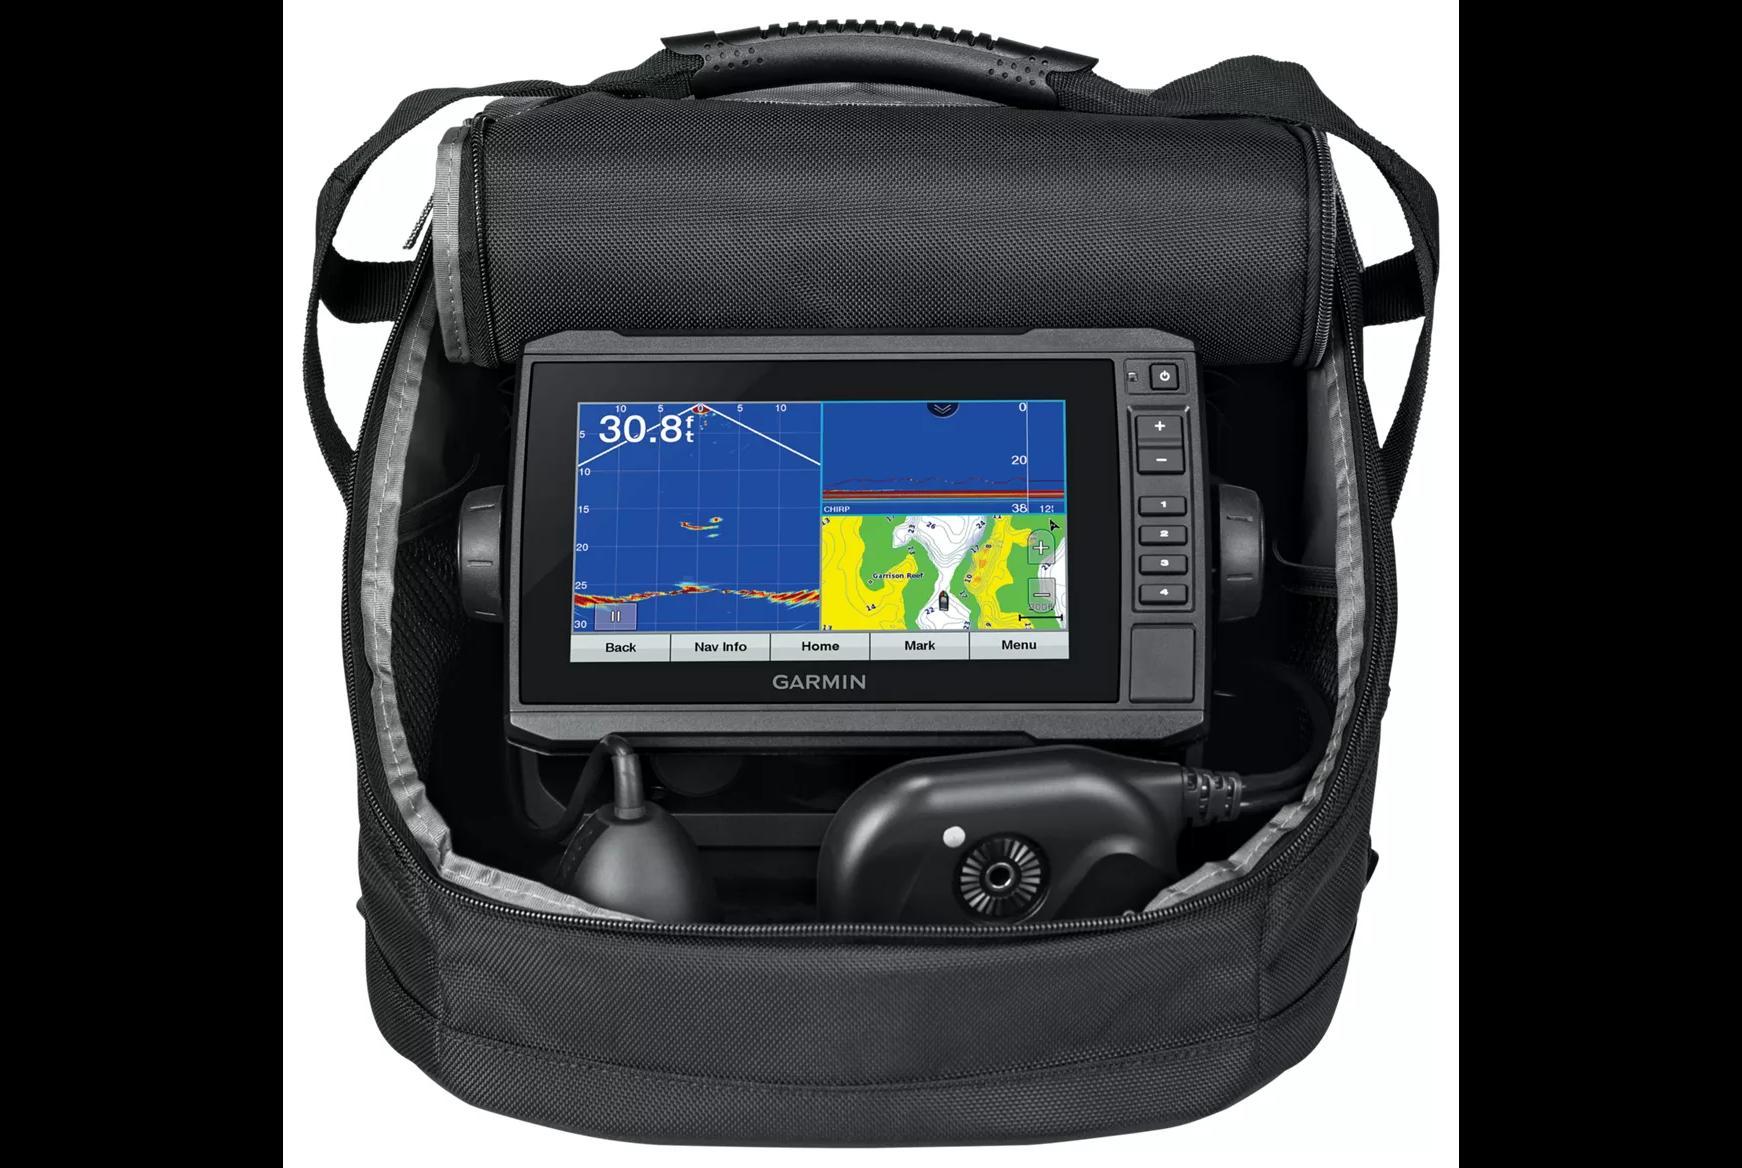 Garmin Panoptix ECHOMAP Plus 73cv Ice Fishing Bundle – Only $1,499.97